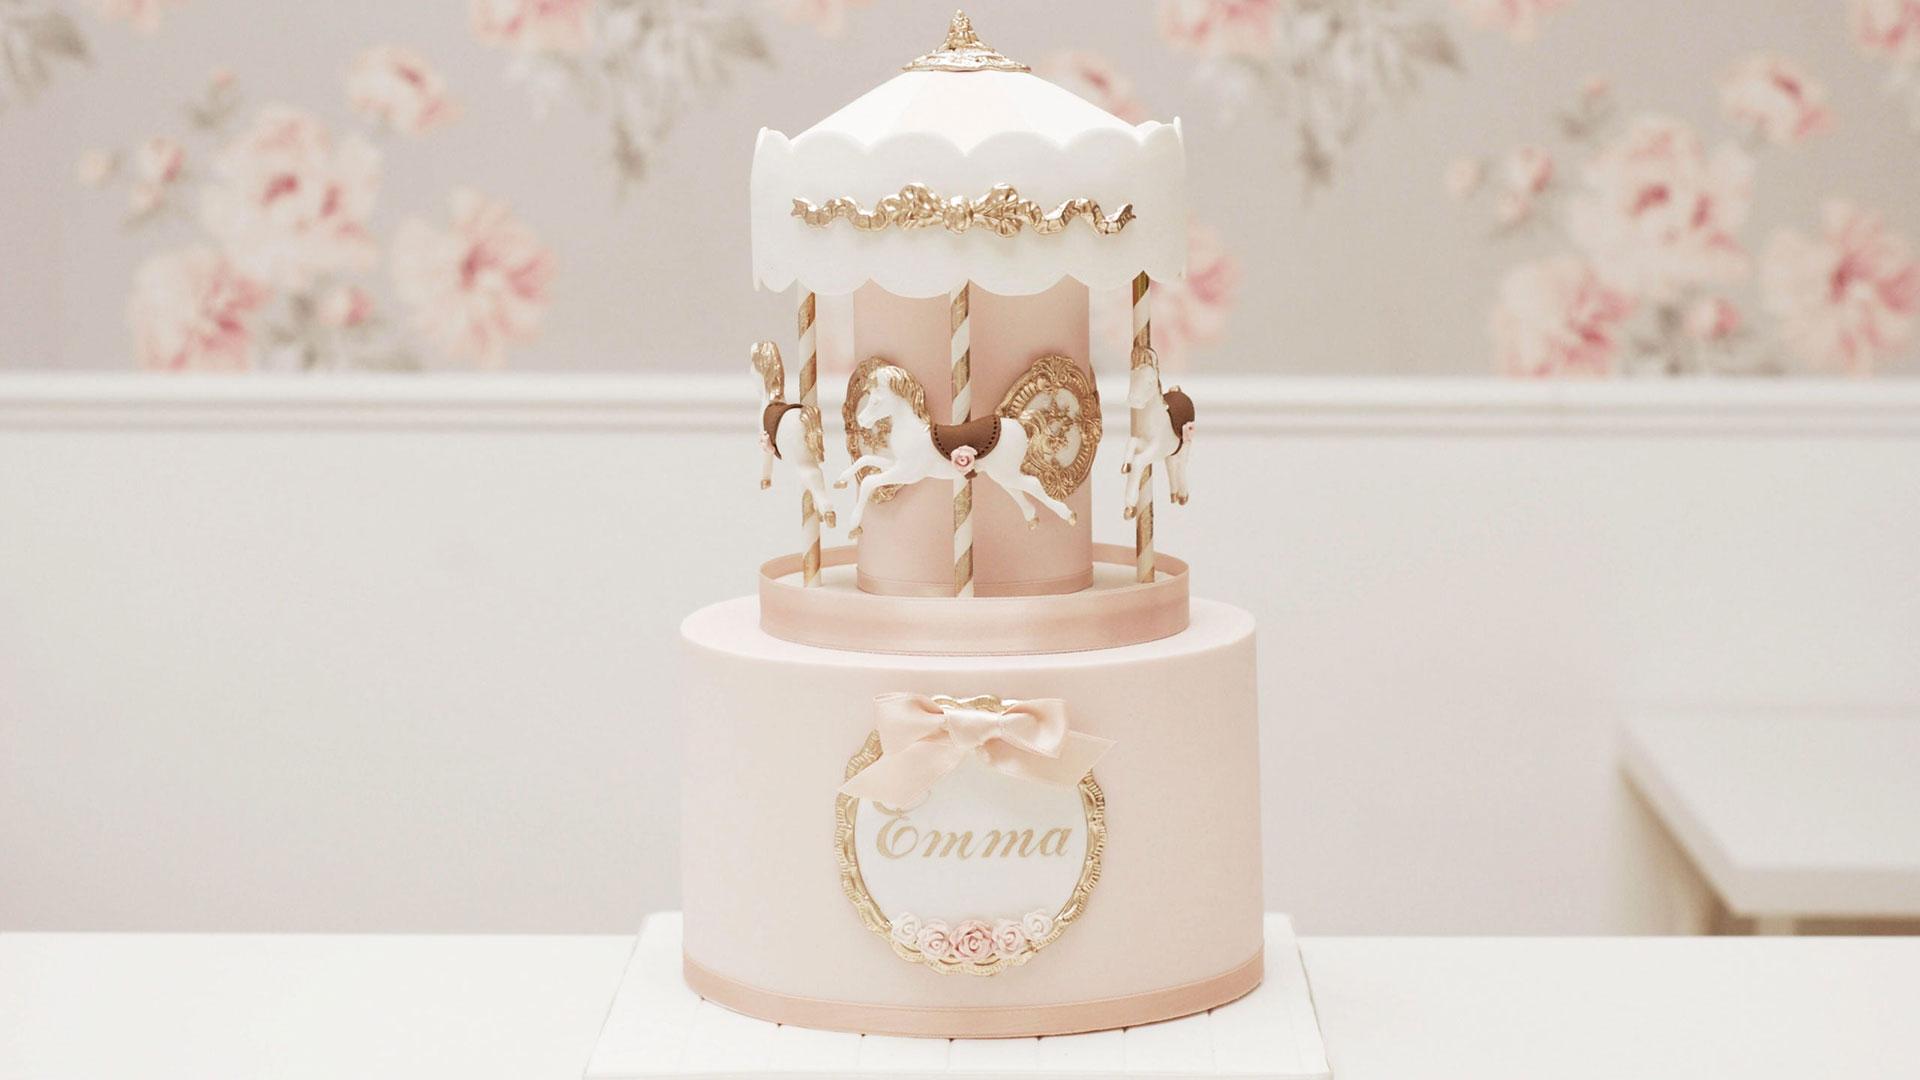 Merry-go-round cake course